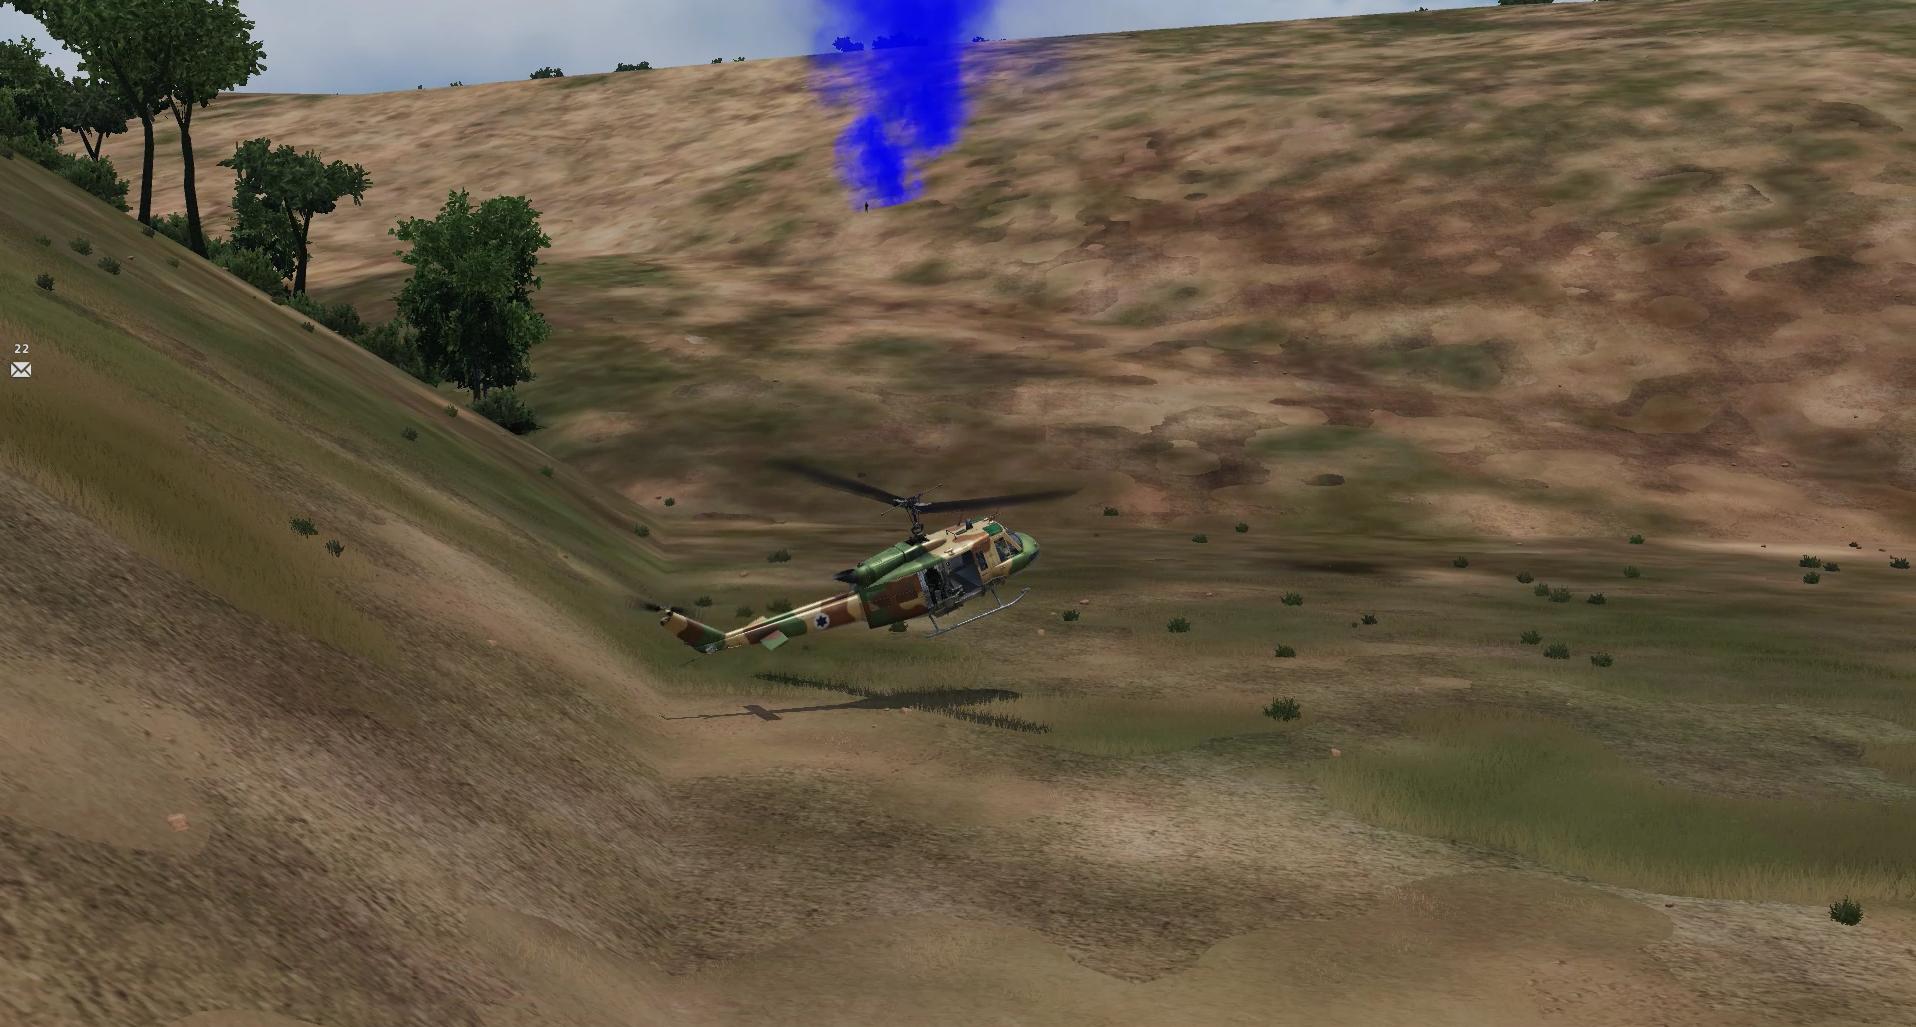 רגע עצוב למסוקים המסוק איבד כוח והסתחרר עד להתרסקות מול הטייס ההמום